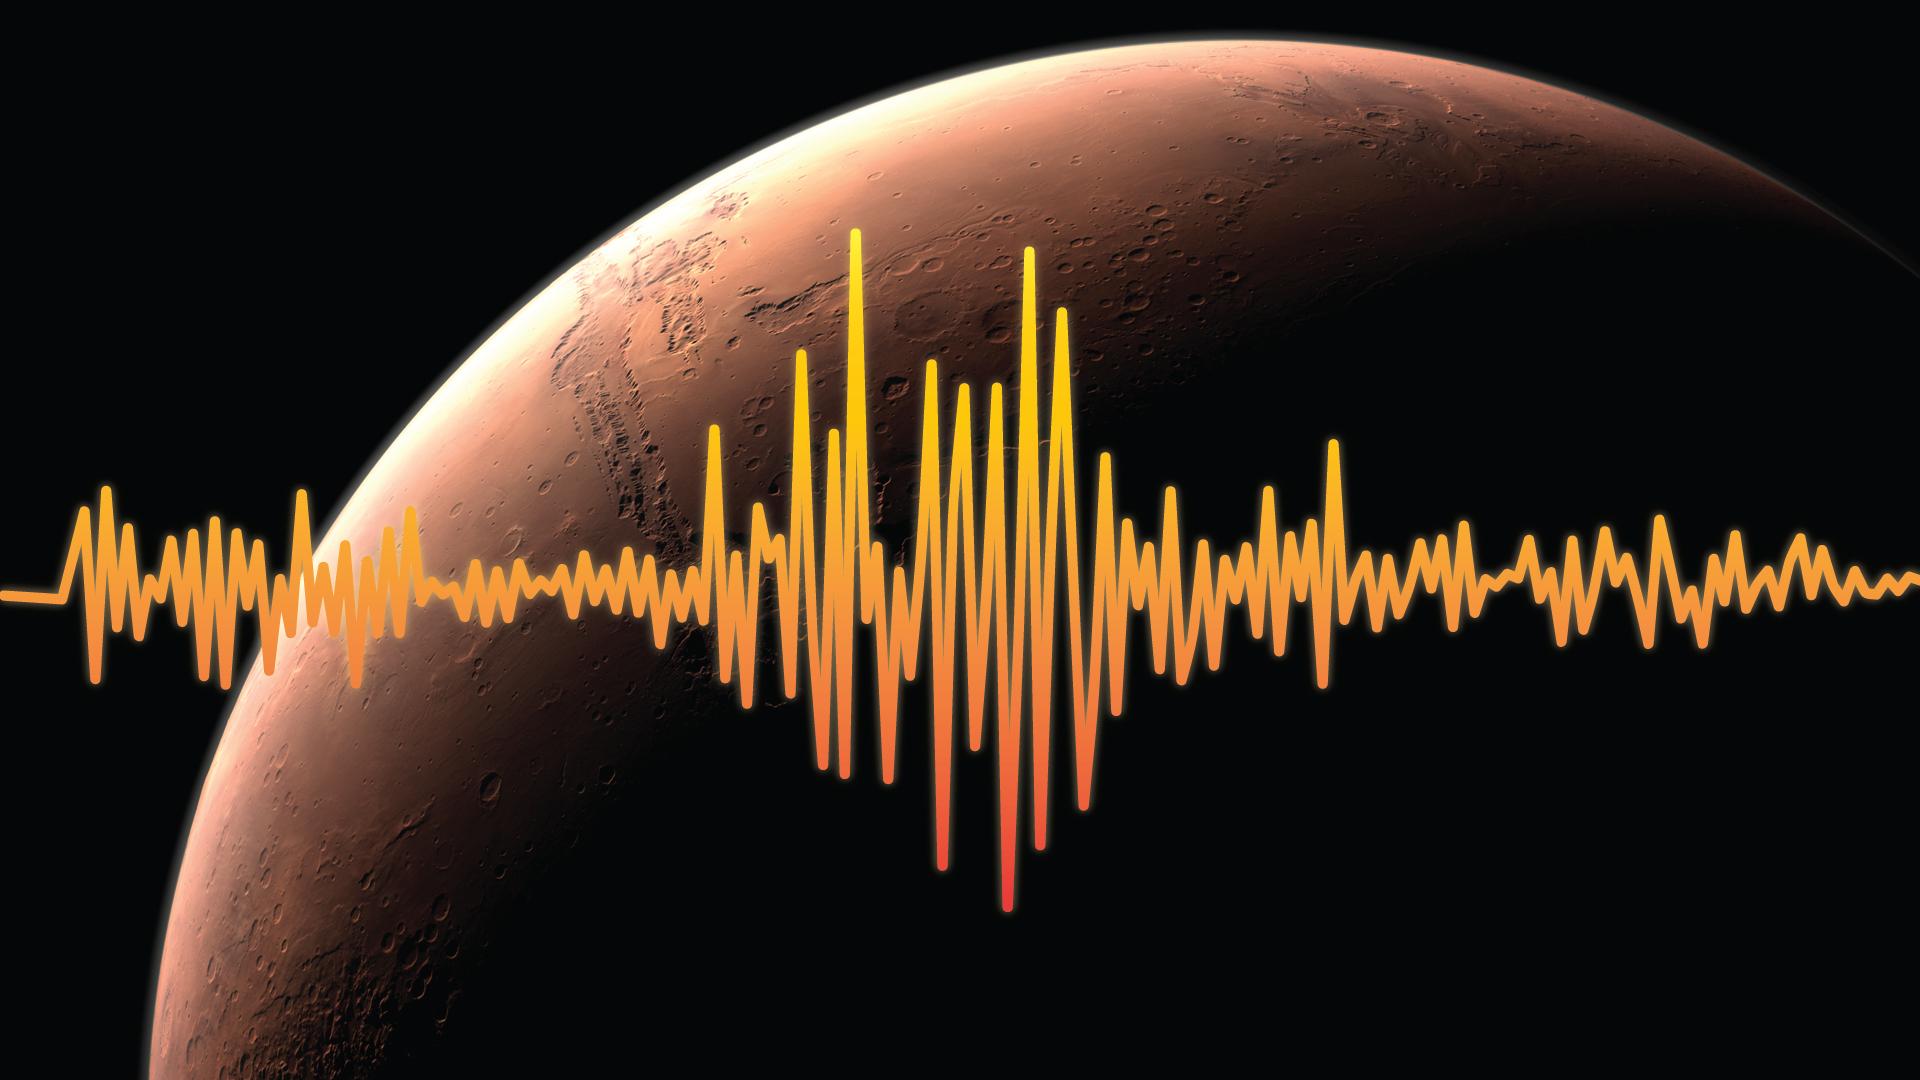 https://mars.nasa.gov/insight/multimedia/images/2018/measuring-the-pulse-of-mars